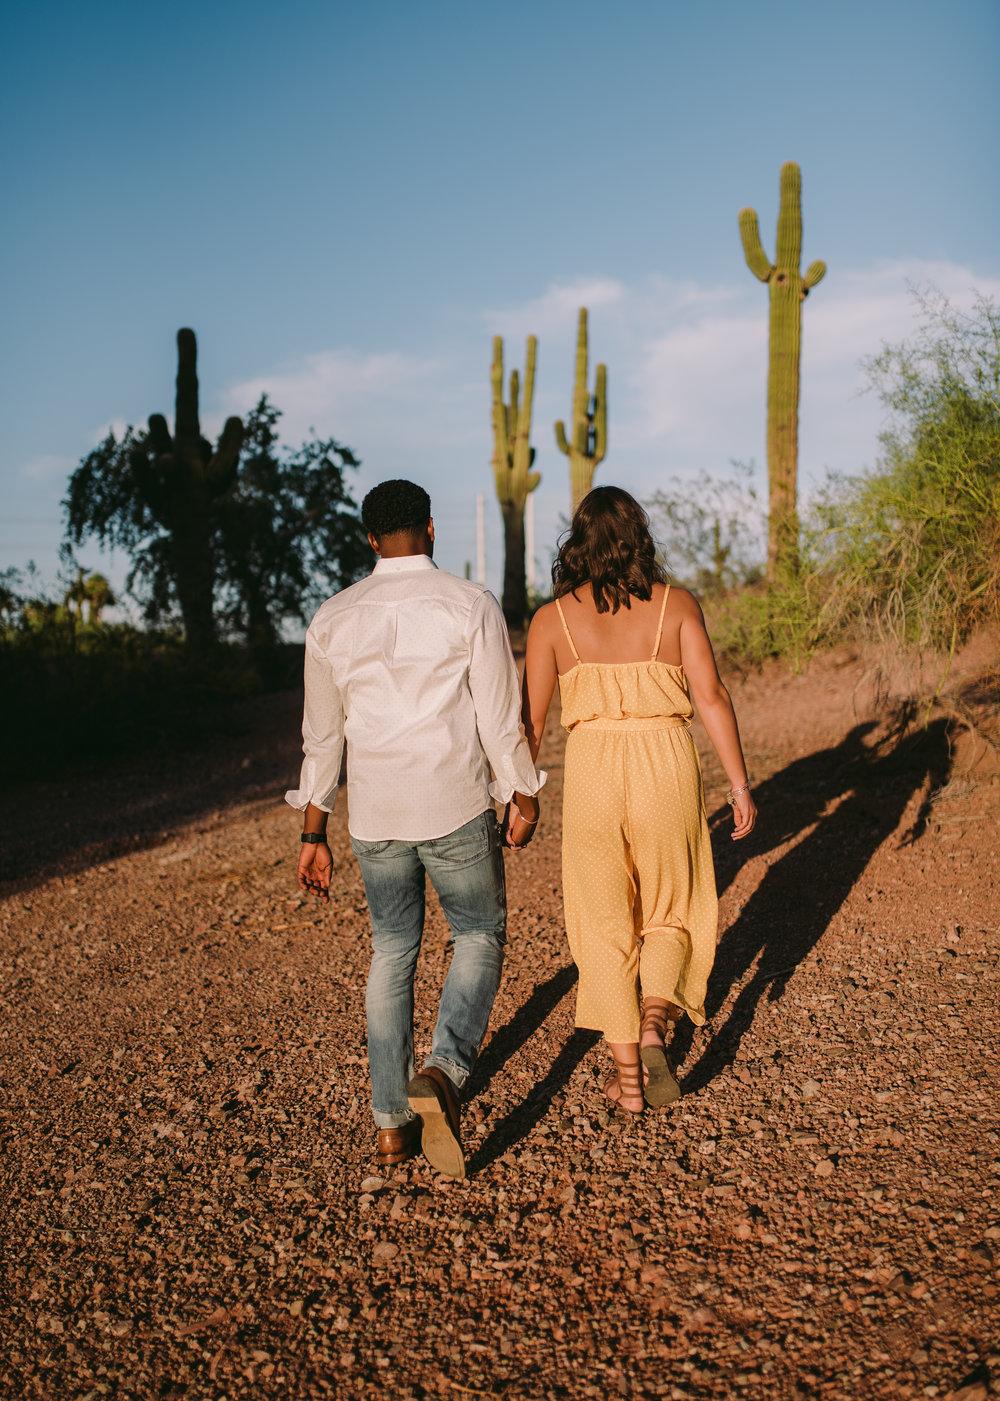 Jorey&Bryndon_EngagementSessionAtPapagoPark_July2018_PhoenixArizonaCouplesPhotographer_SamanthaRosePhotography_fina_013.JPG